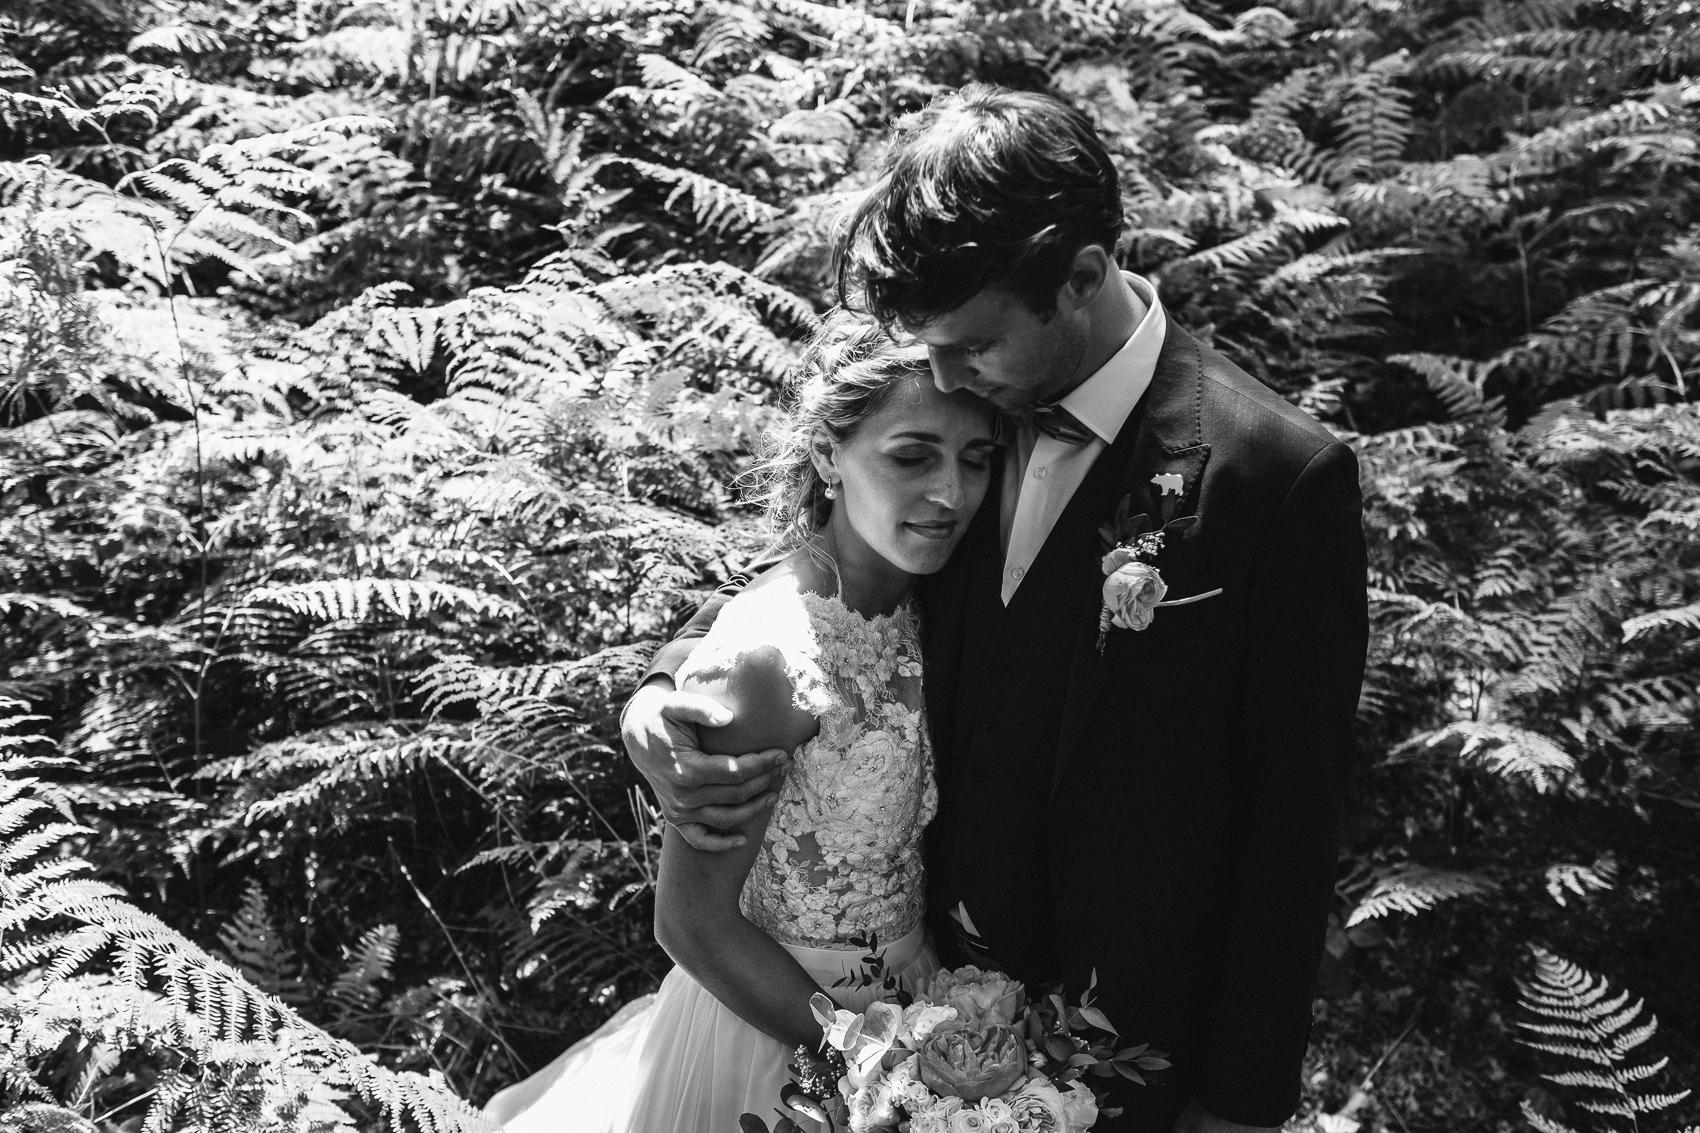 iso800 - fotograaf huwelijk ruth michiel -21.jpg